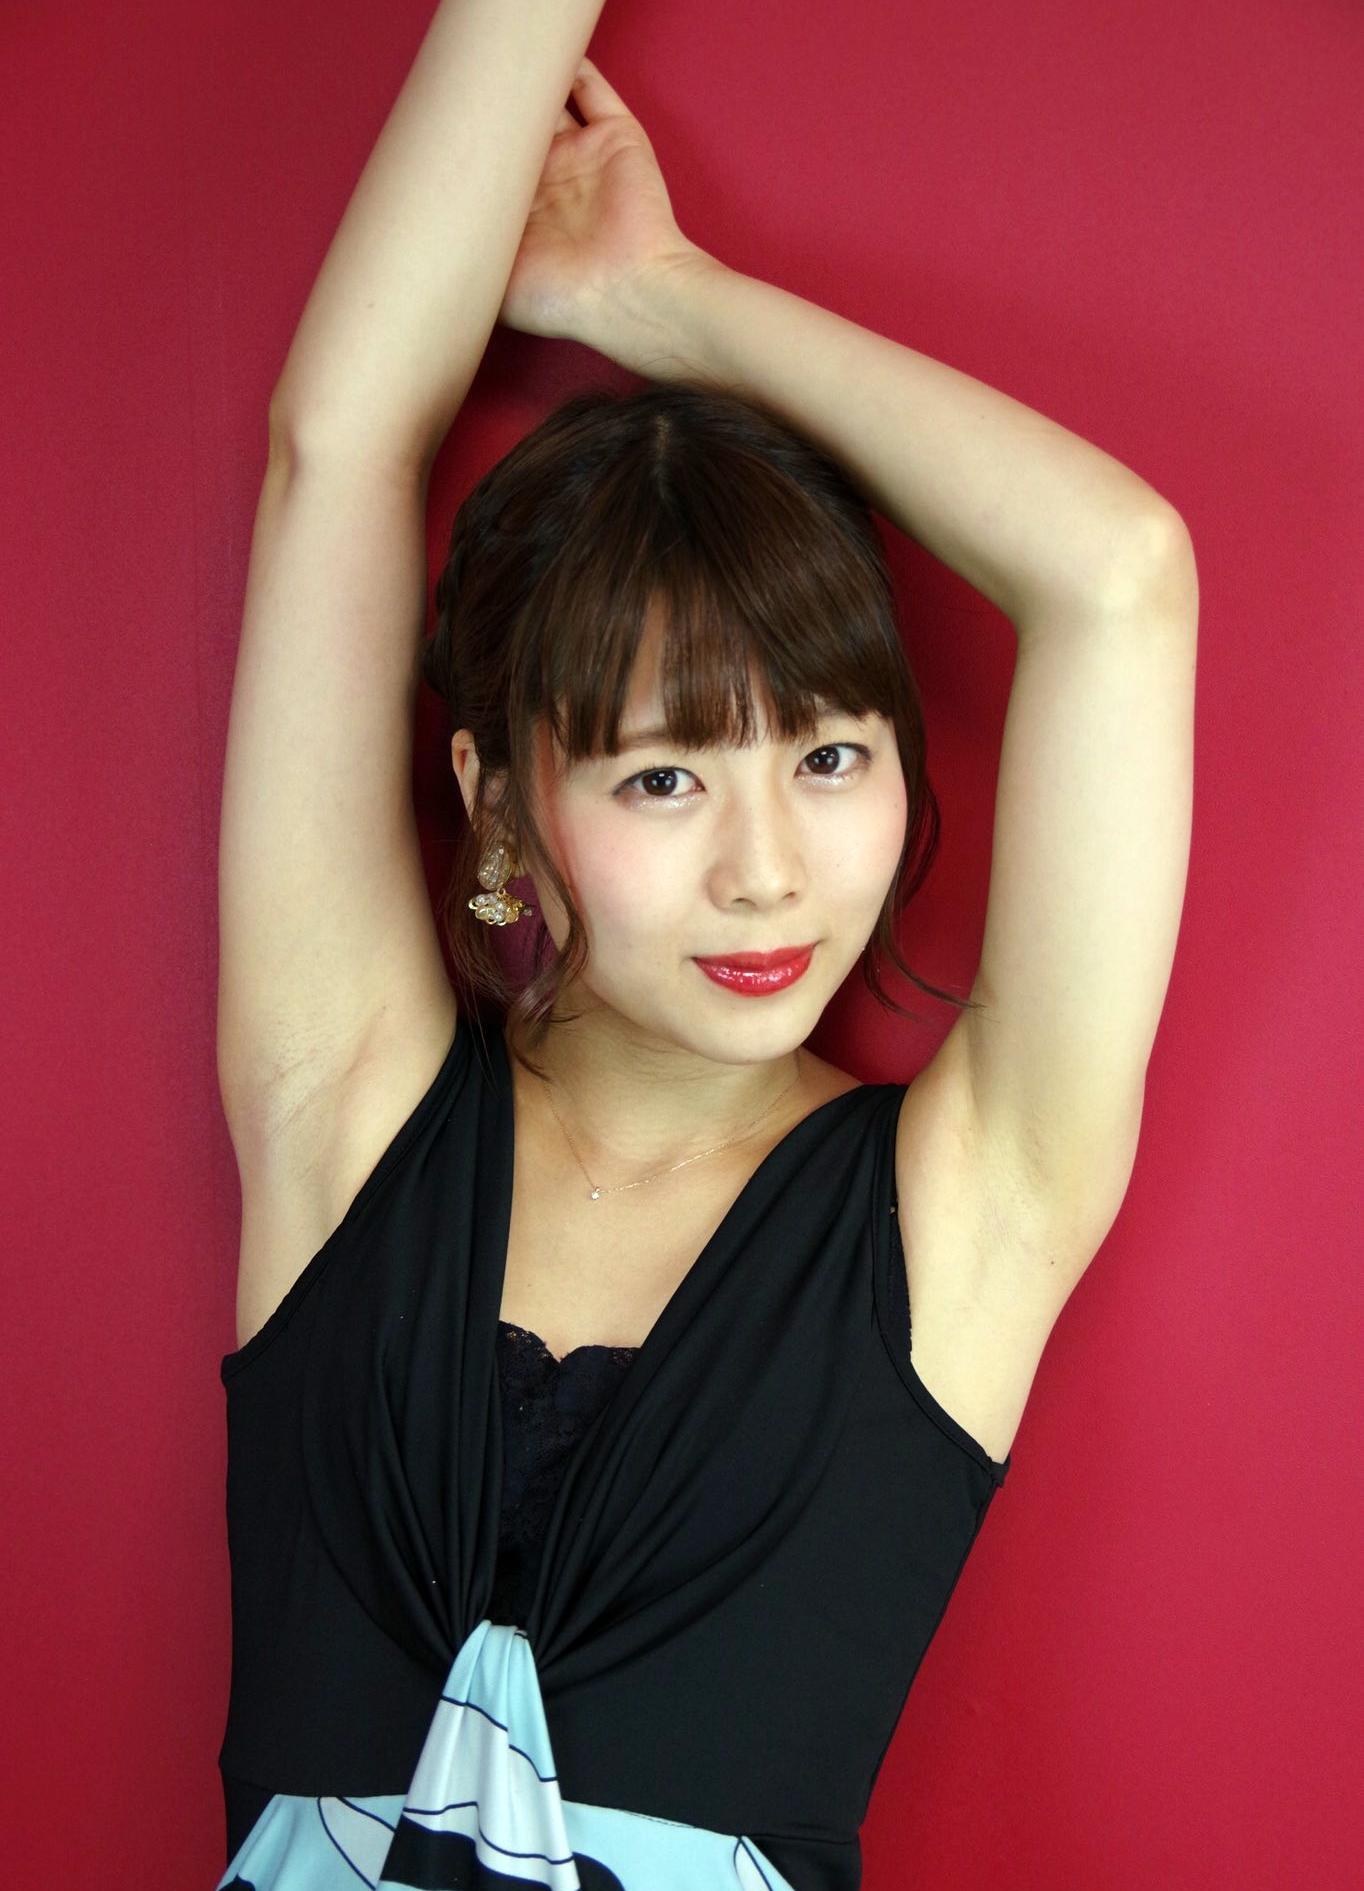 潮田ひかるのジョリ腋 (2)